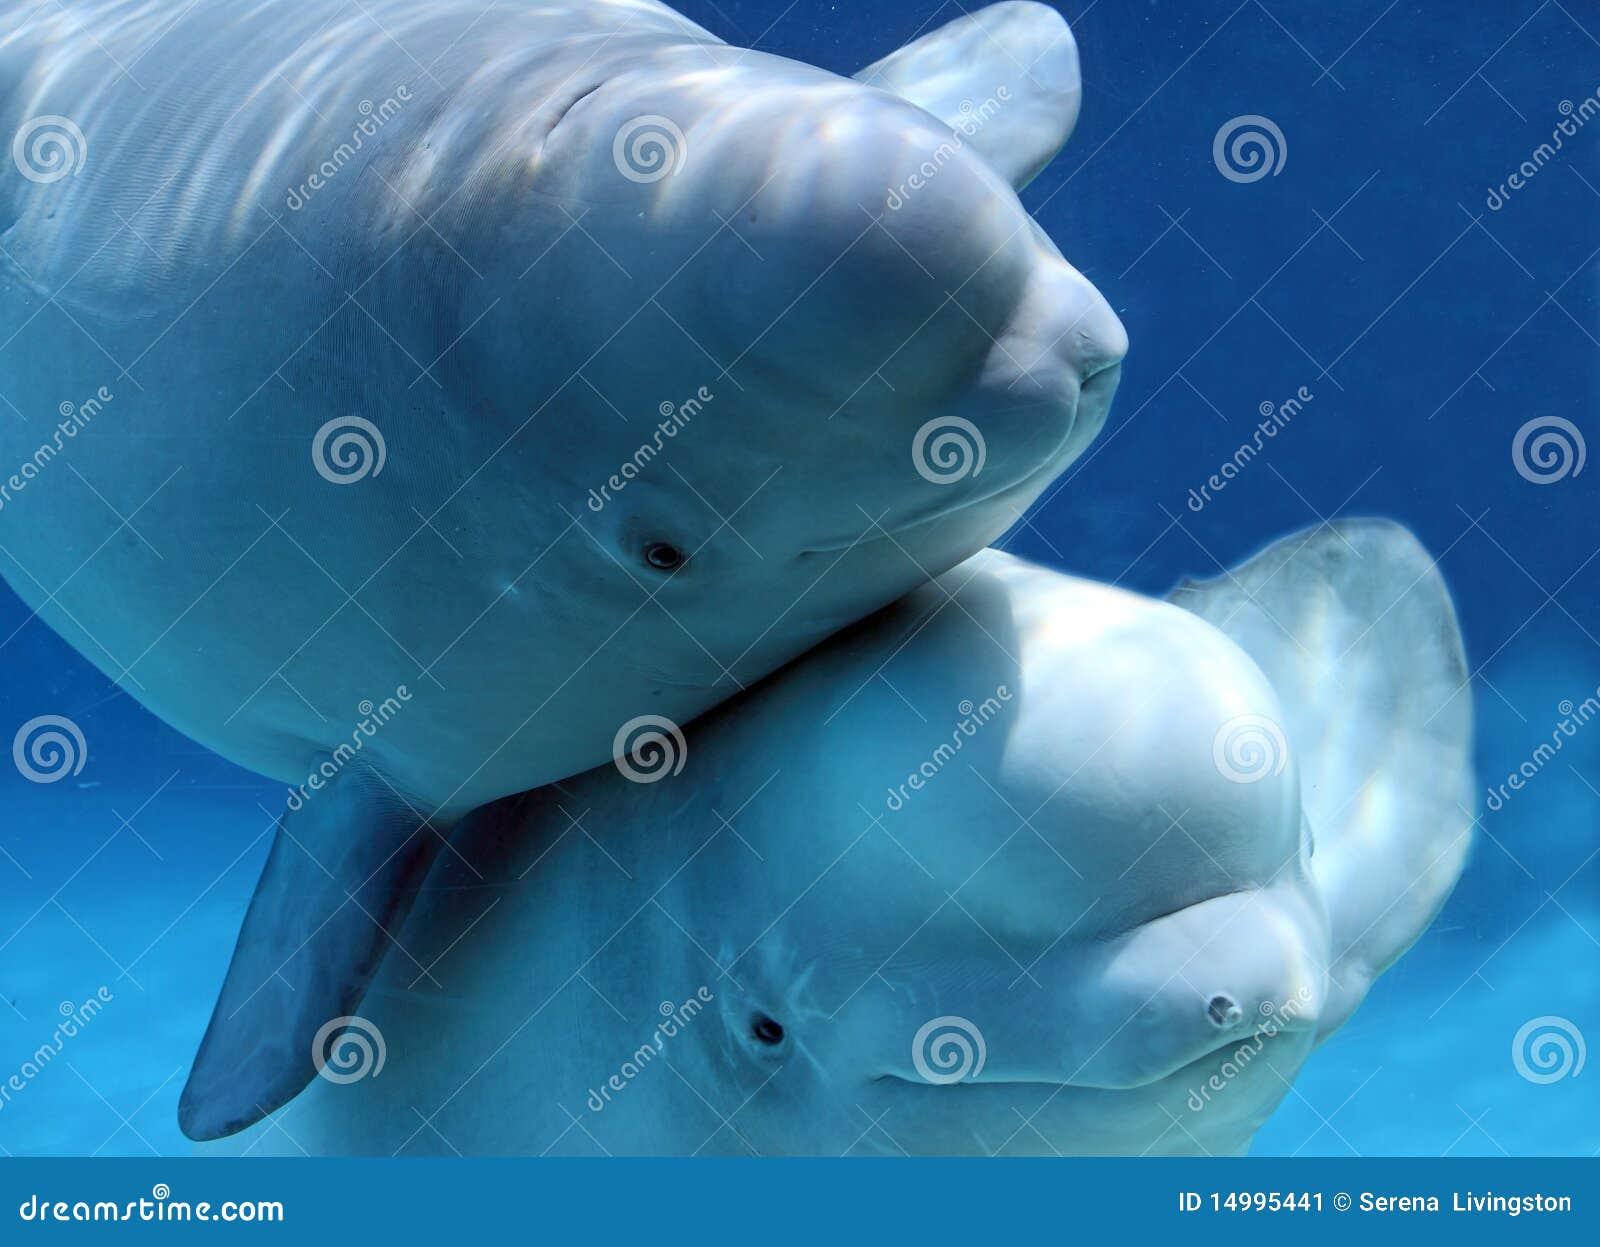 Cute Pair Of Beluga Whales Stock Image - Image: 14995441